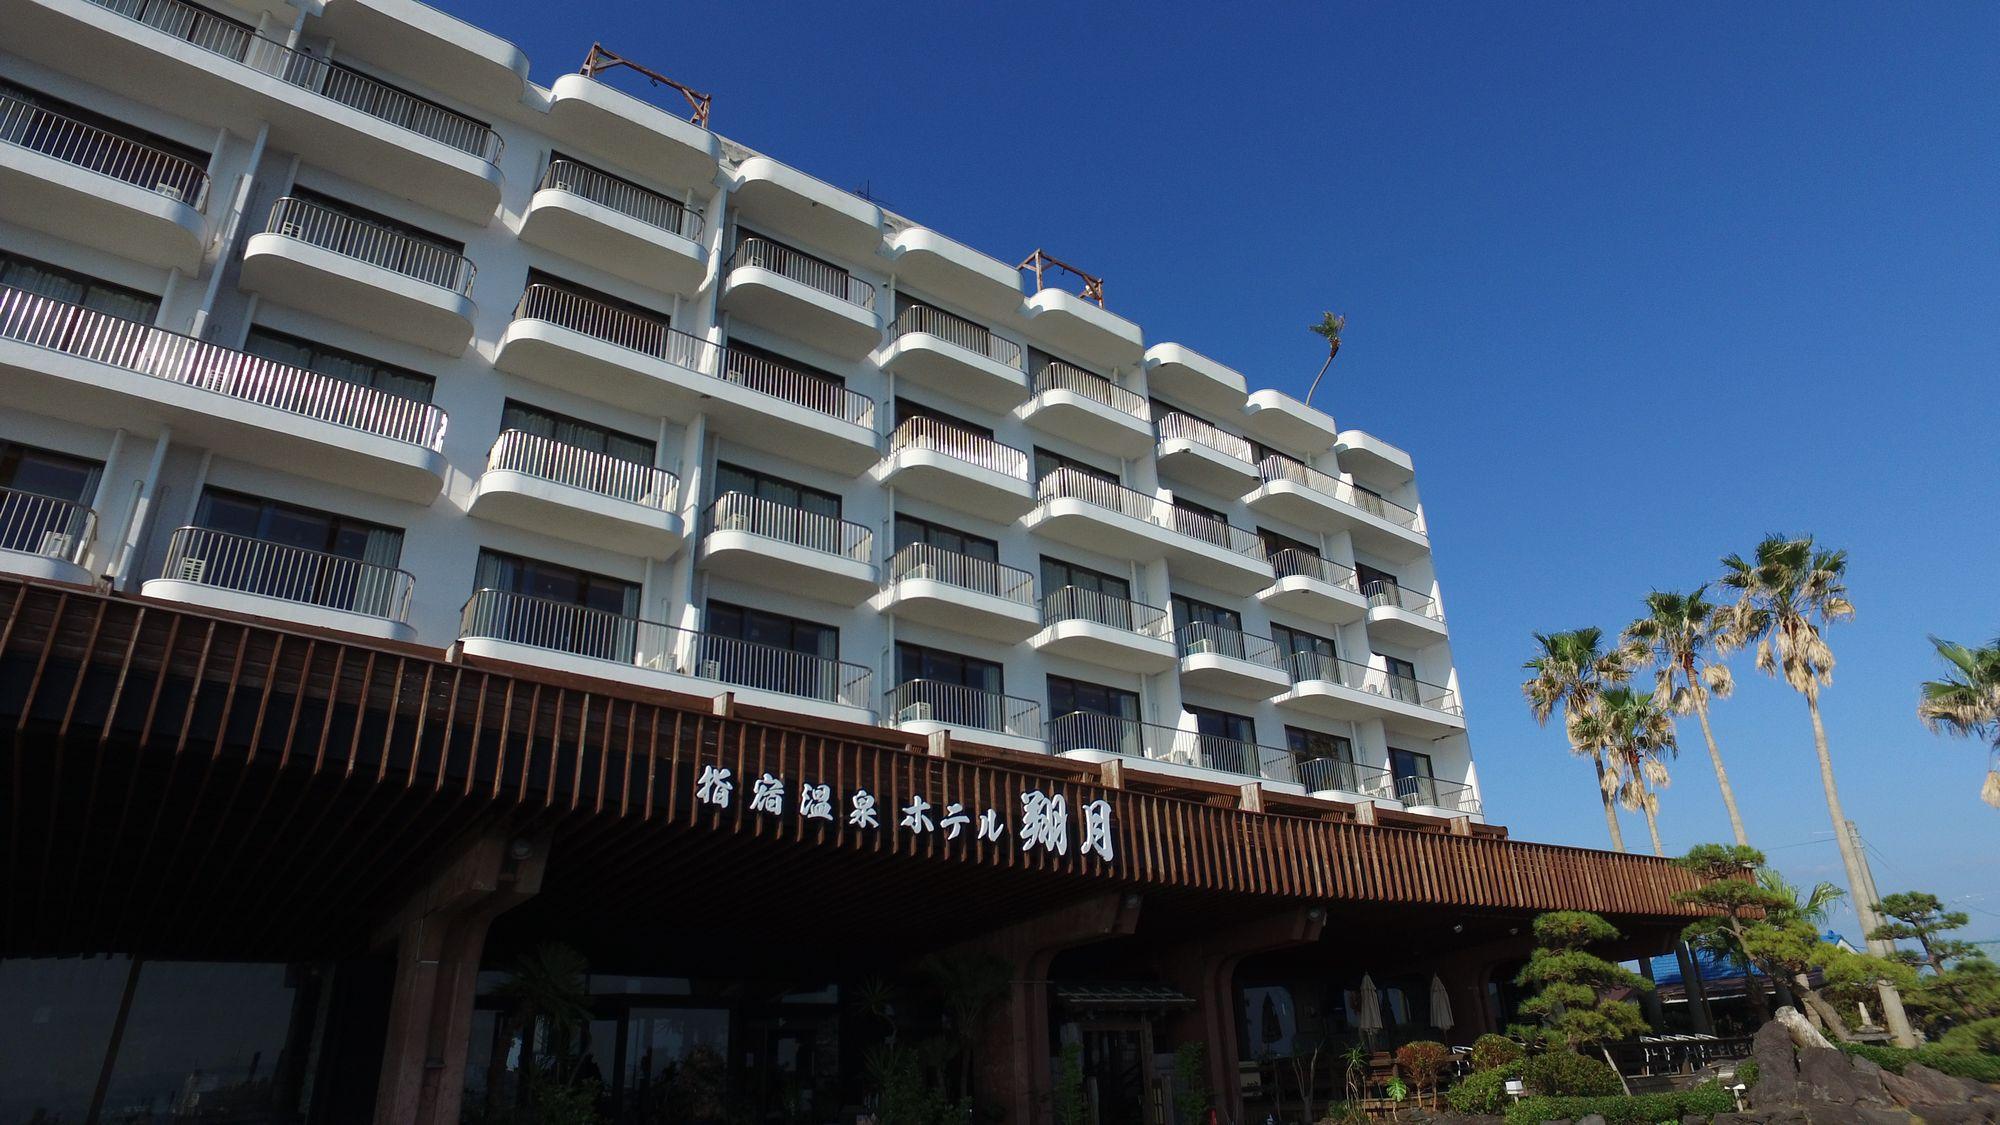 指宿温泉 指宿コーラルビーチホテル